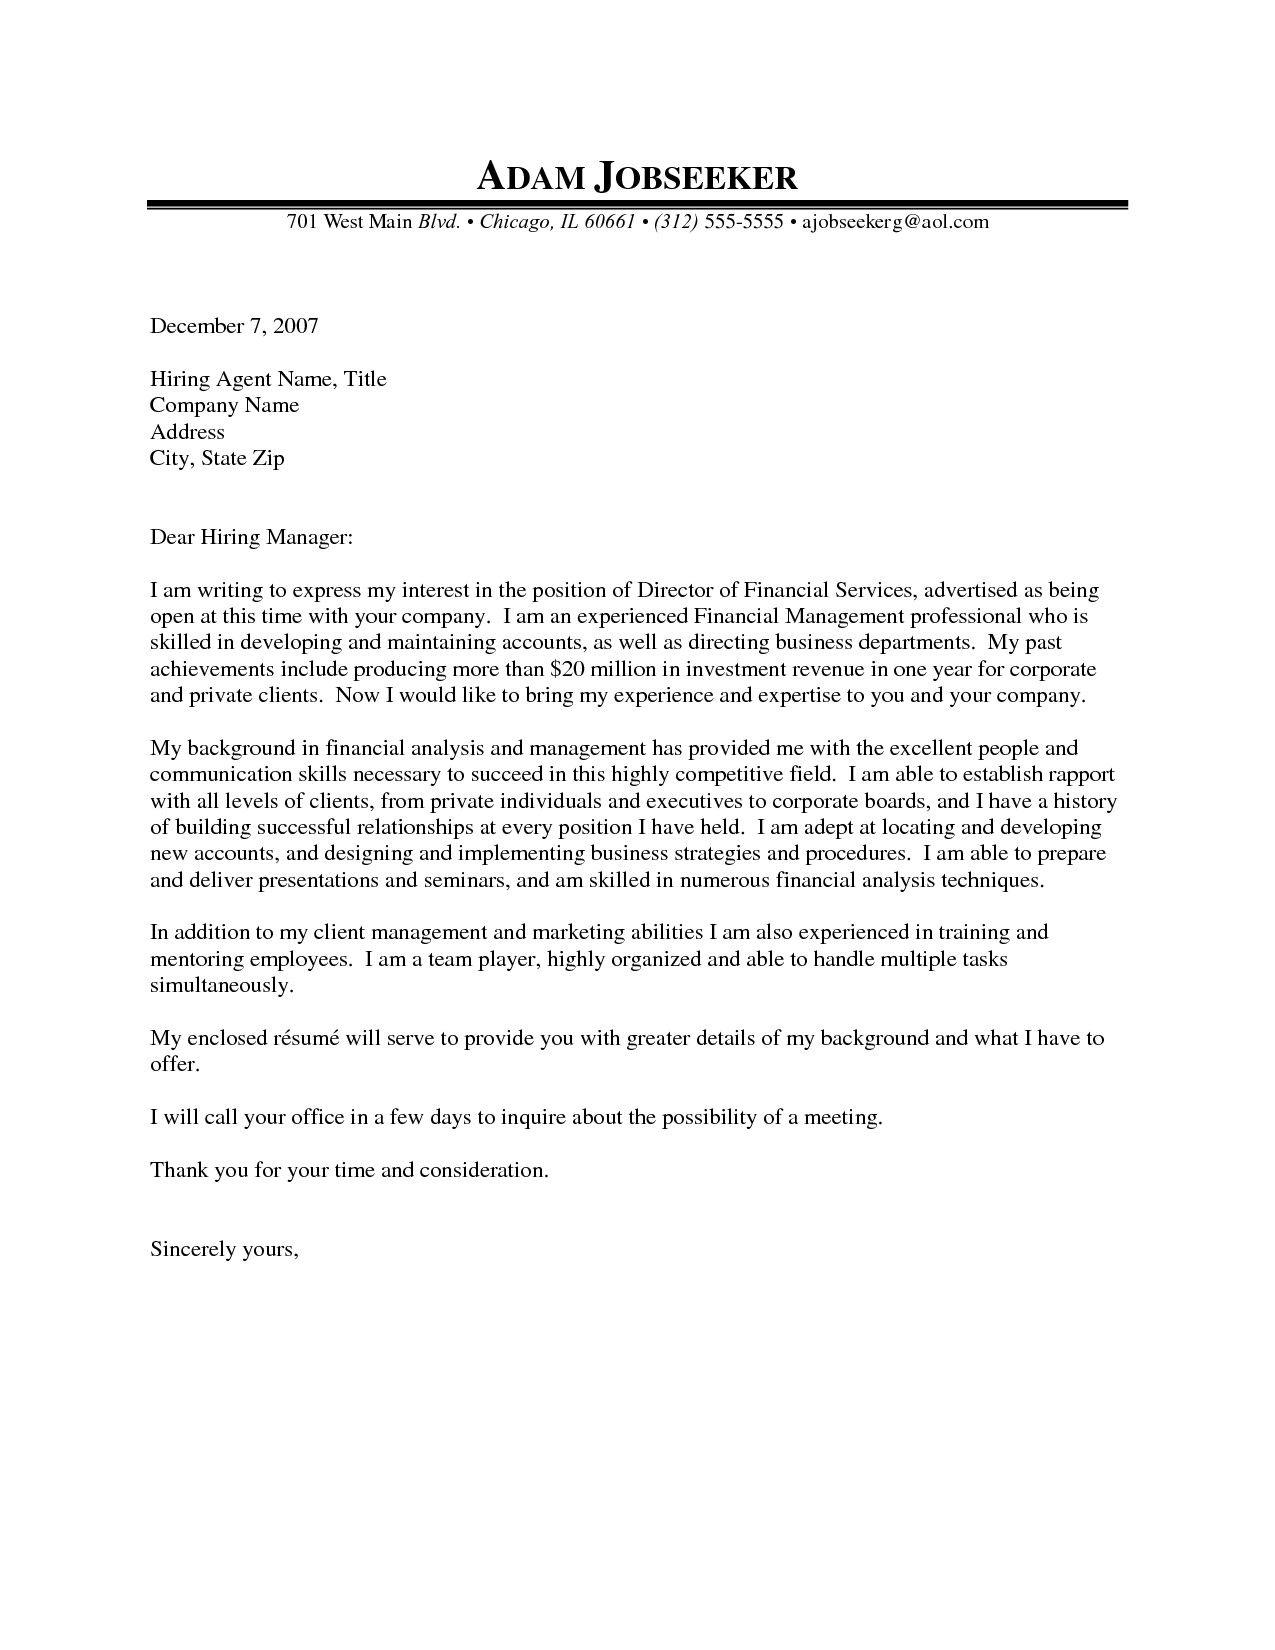 26 Finance Cover Letter  Cover Letter Tips  Report writing skills Application letter sample